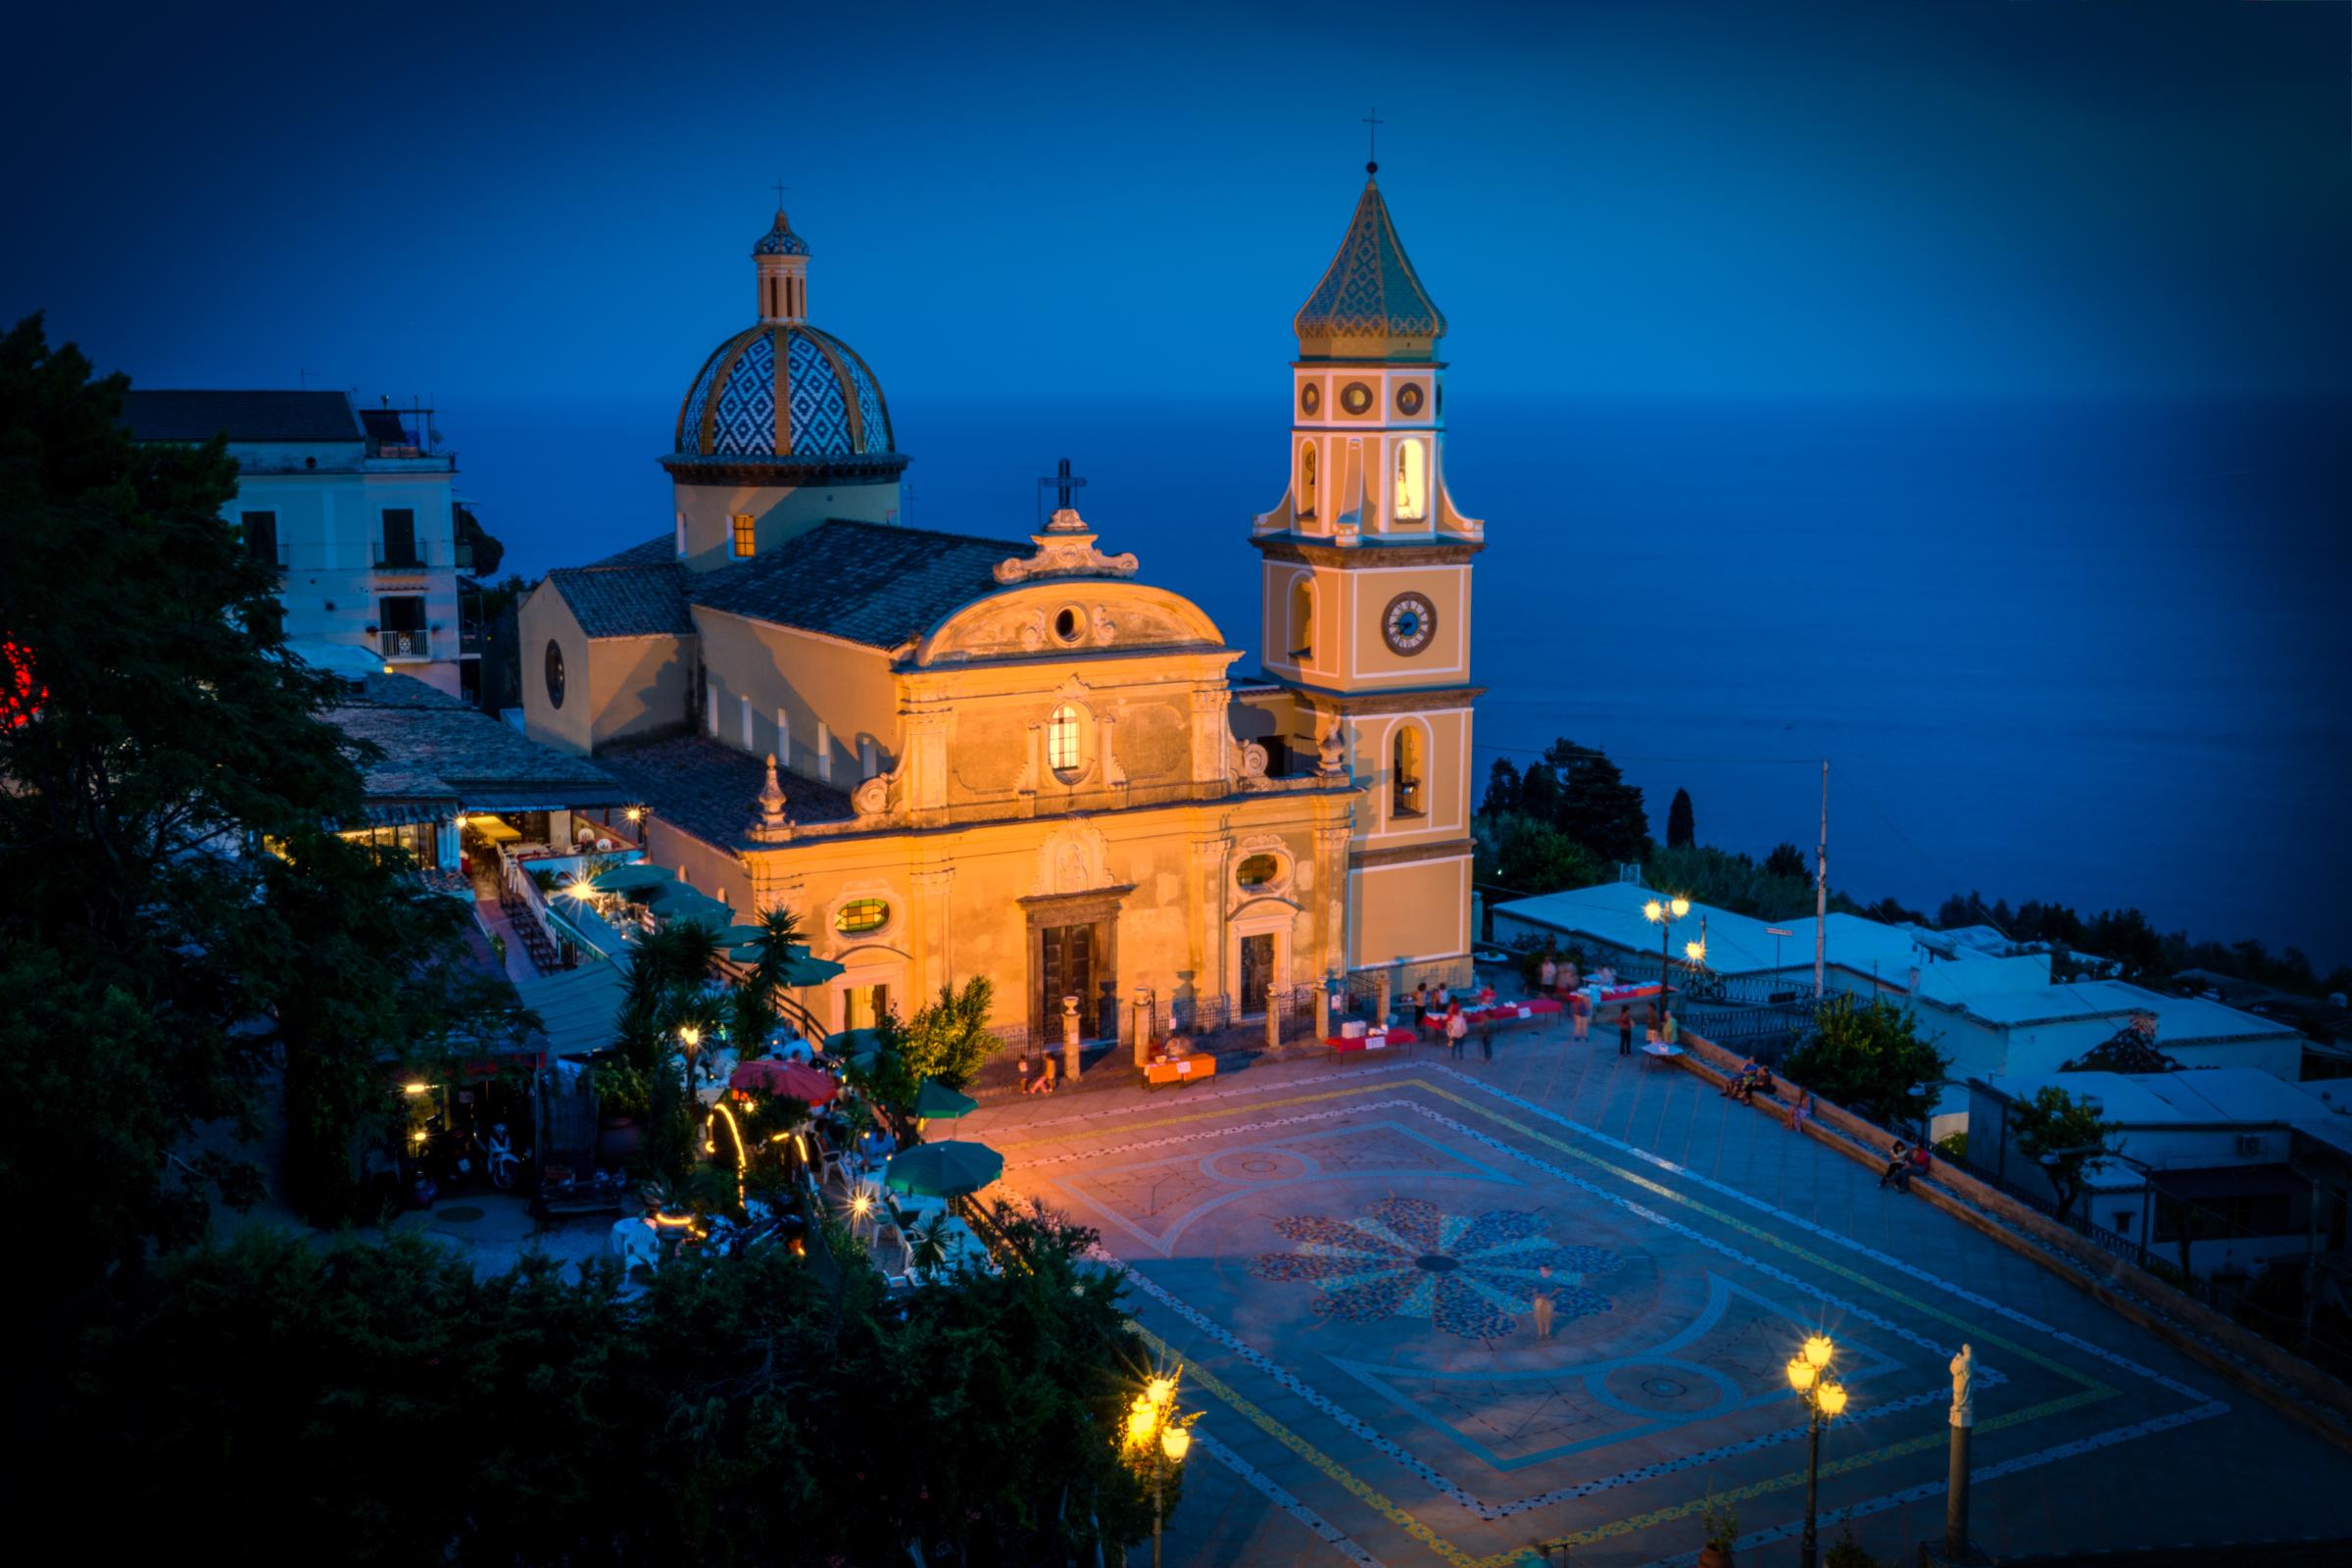 Italy-Praiano-church-bluehour.jpg